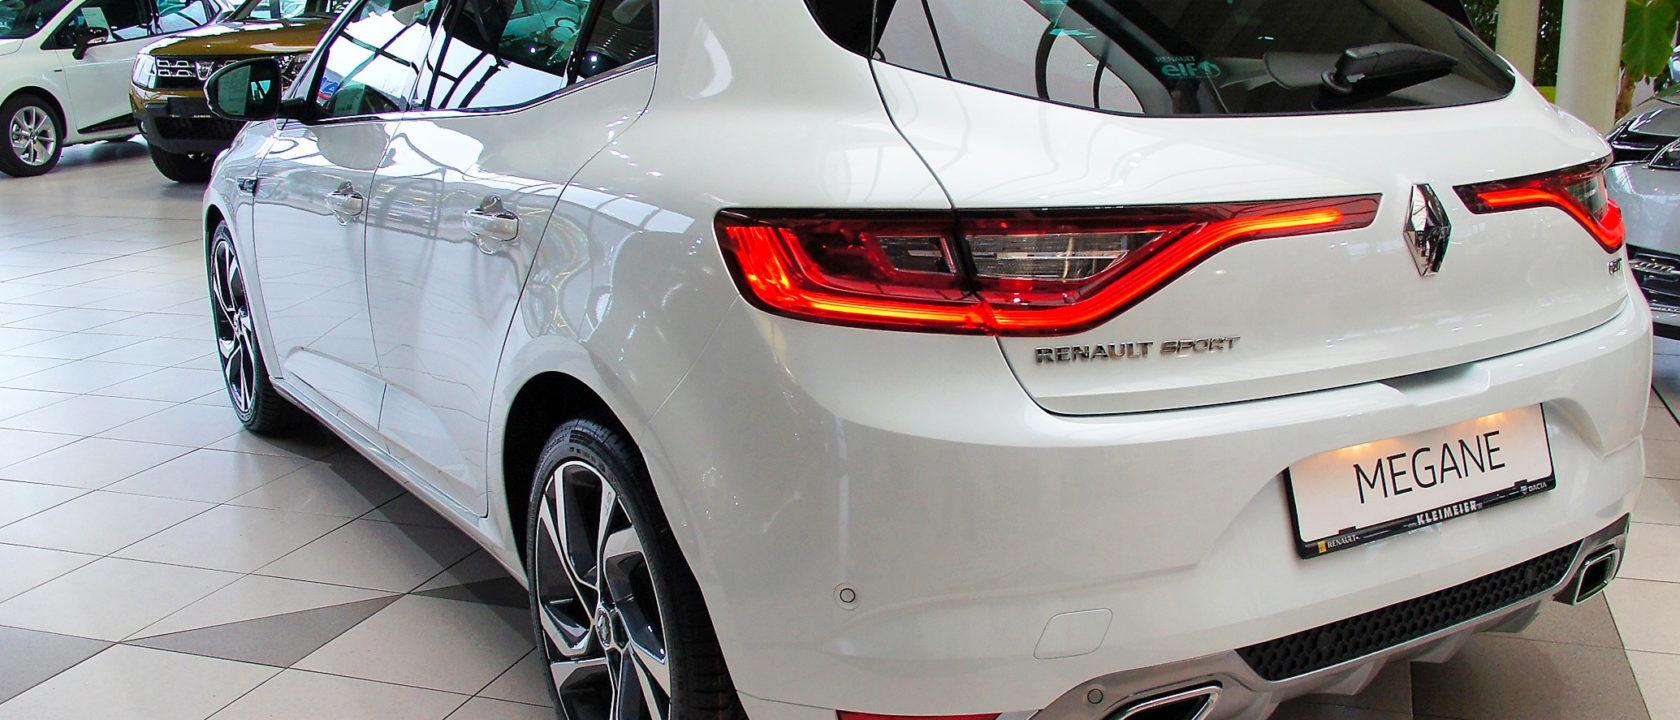 Renault Megane GT Sport